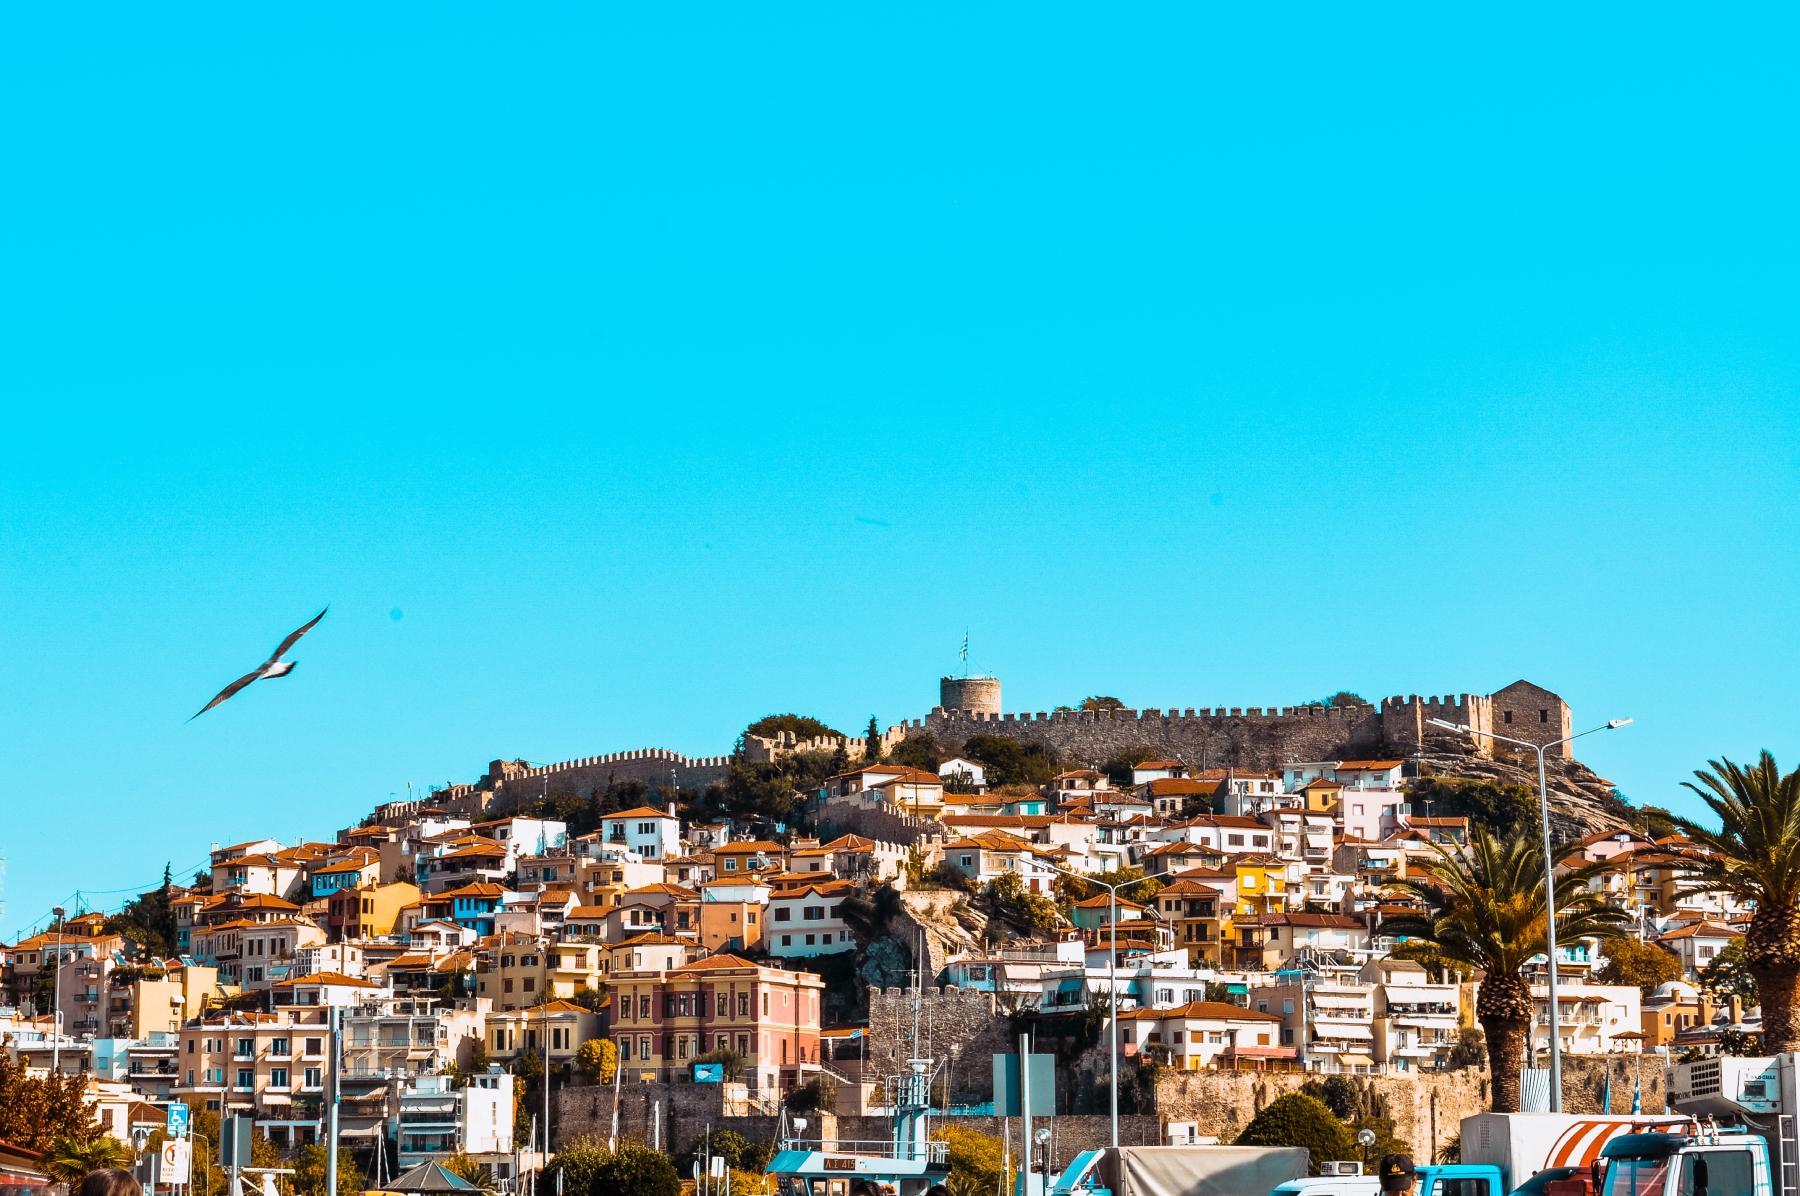 Καβάλα: Η τοπική γαστρονομία που αξίζει ένα ταξίδι στον Βορρά